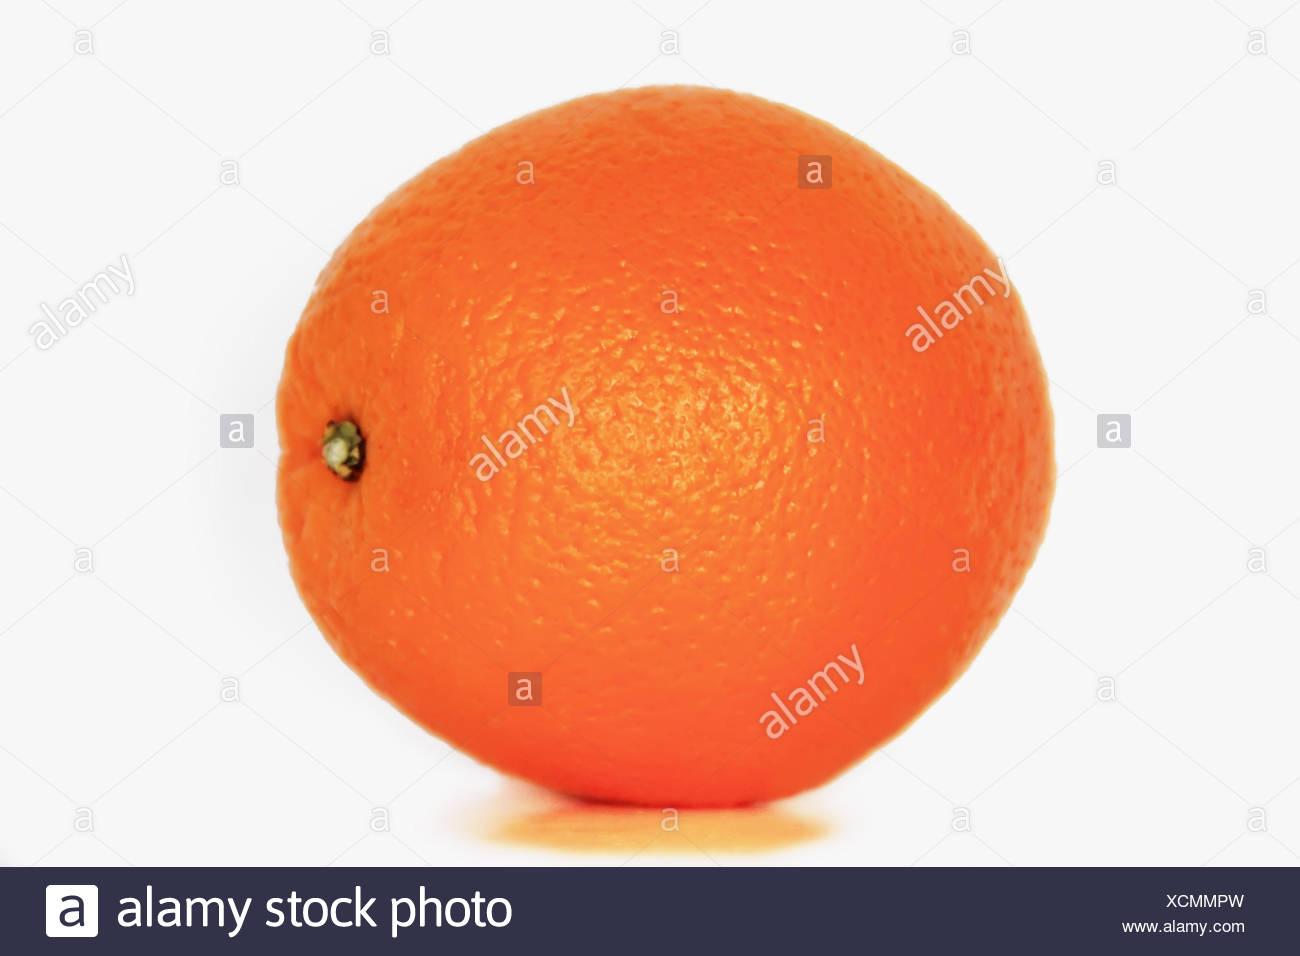 Image of isolate appetizing ripe orange - Stock Image